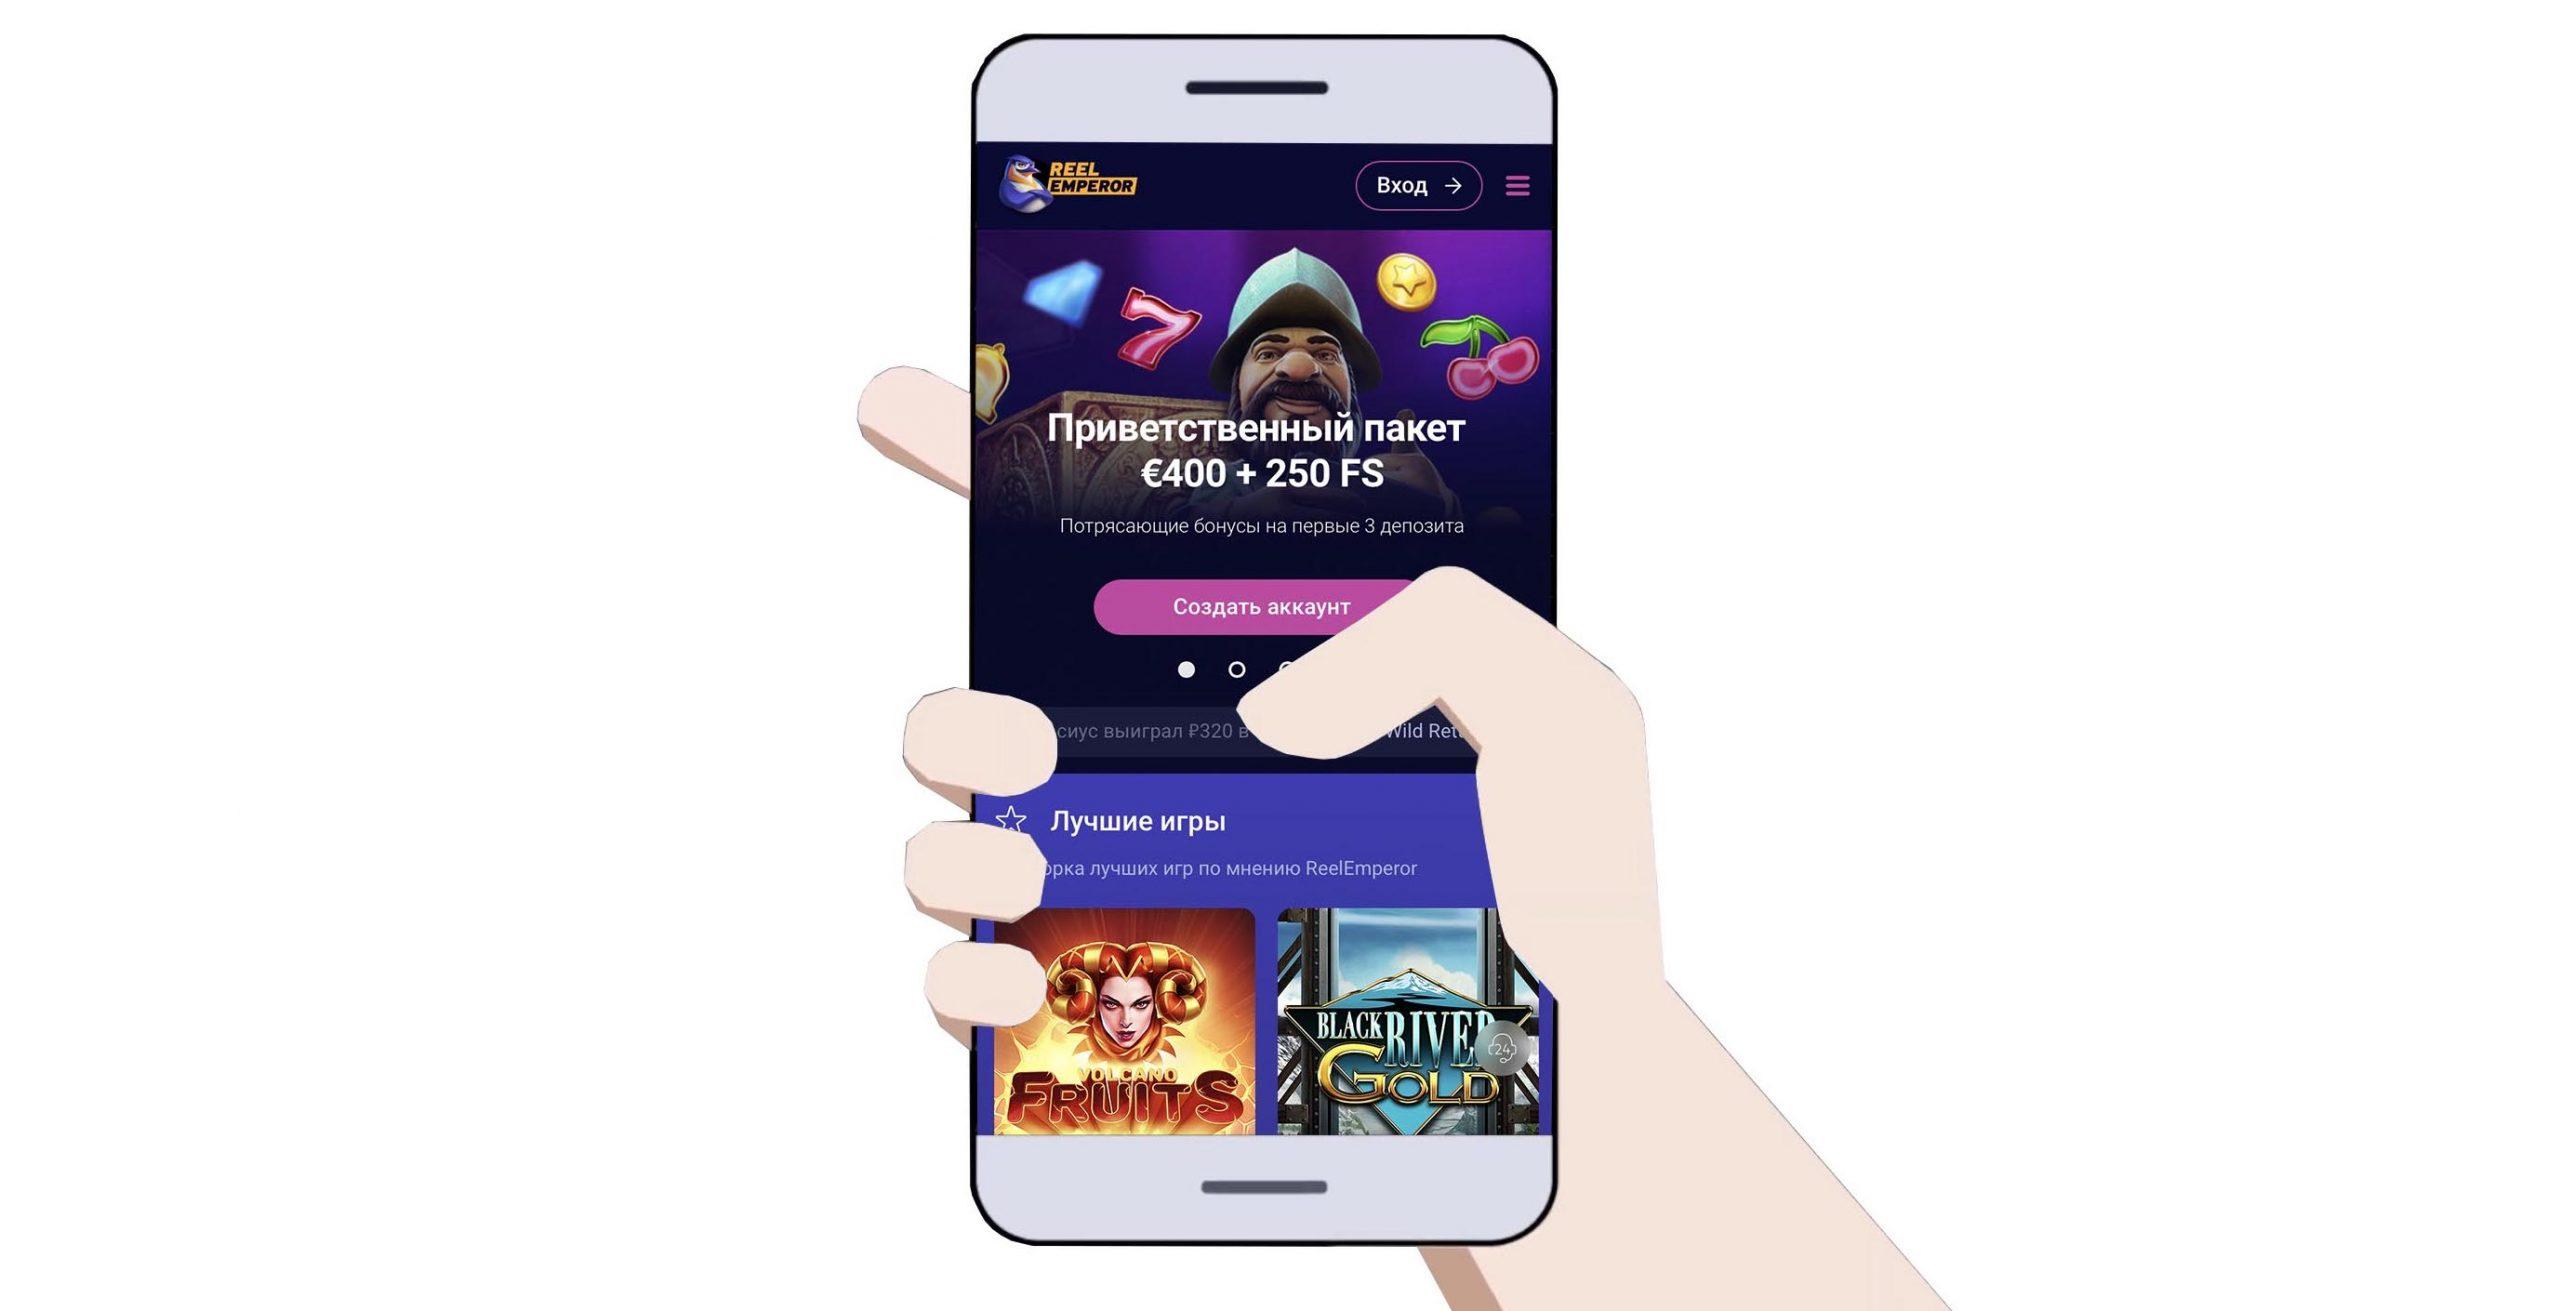 Играть в казино ReelEmperor с мобильного